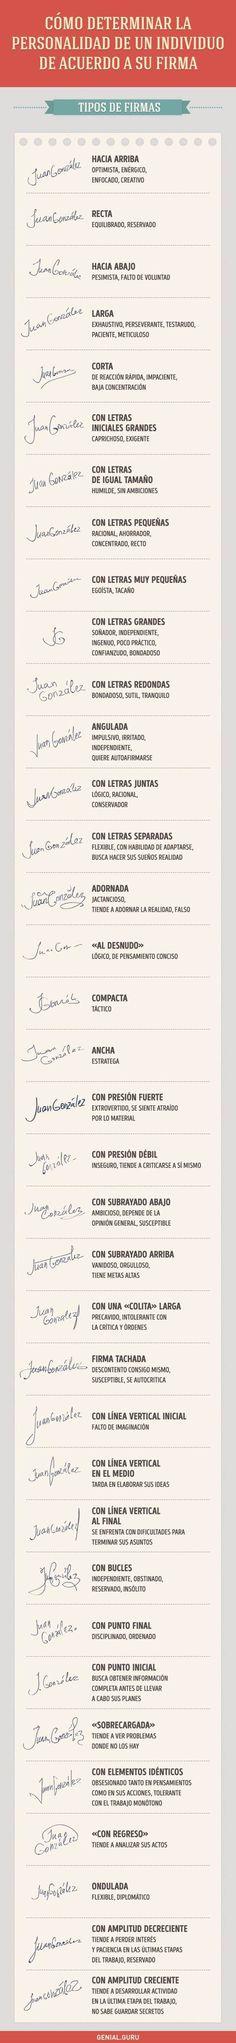 Descubre cual es tu tipo de firma con esta infografía. #infografías #grafología #firmas